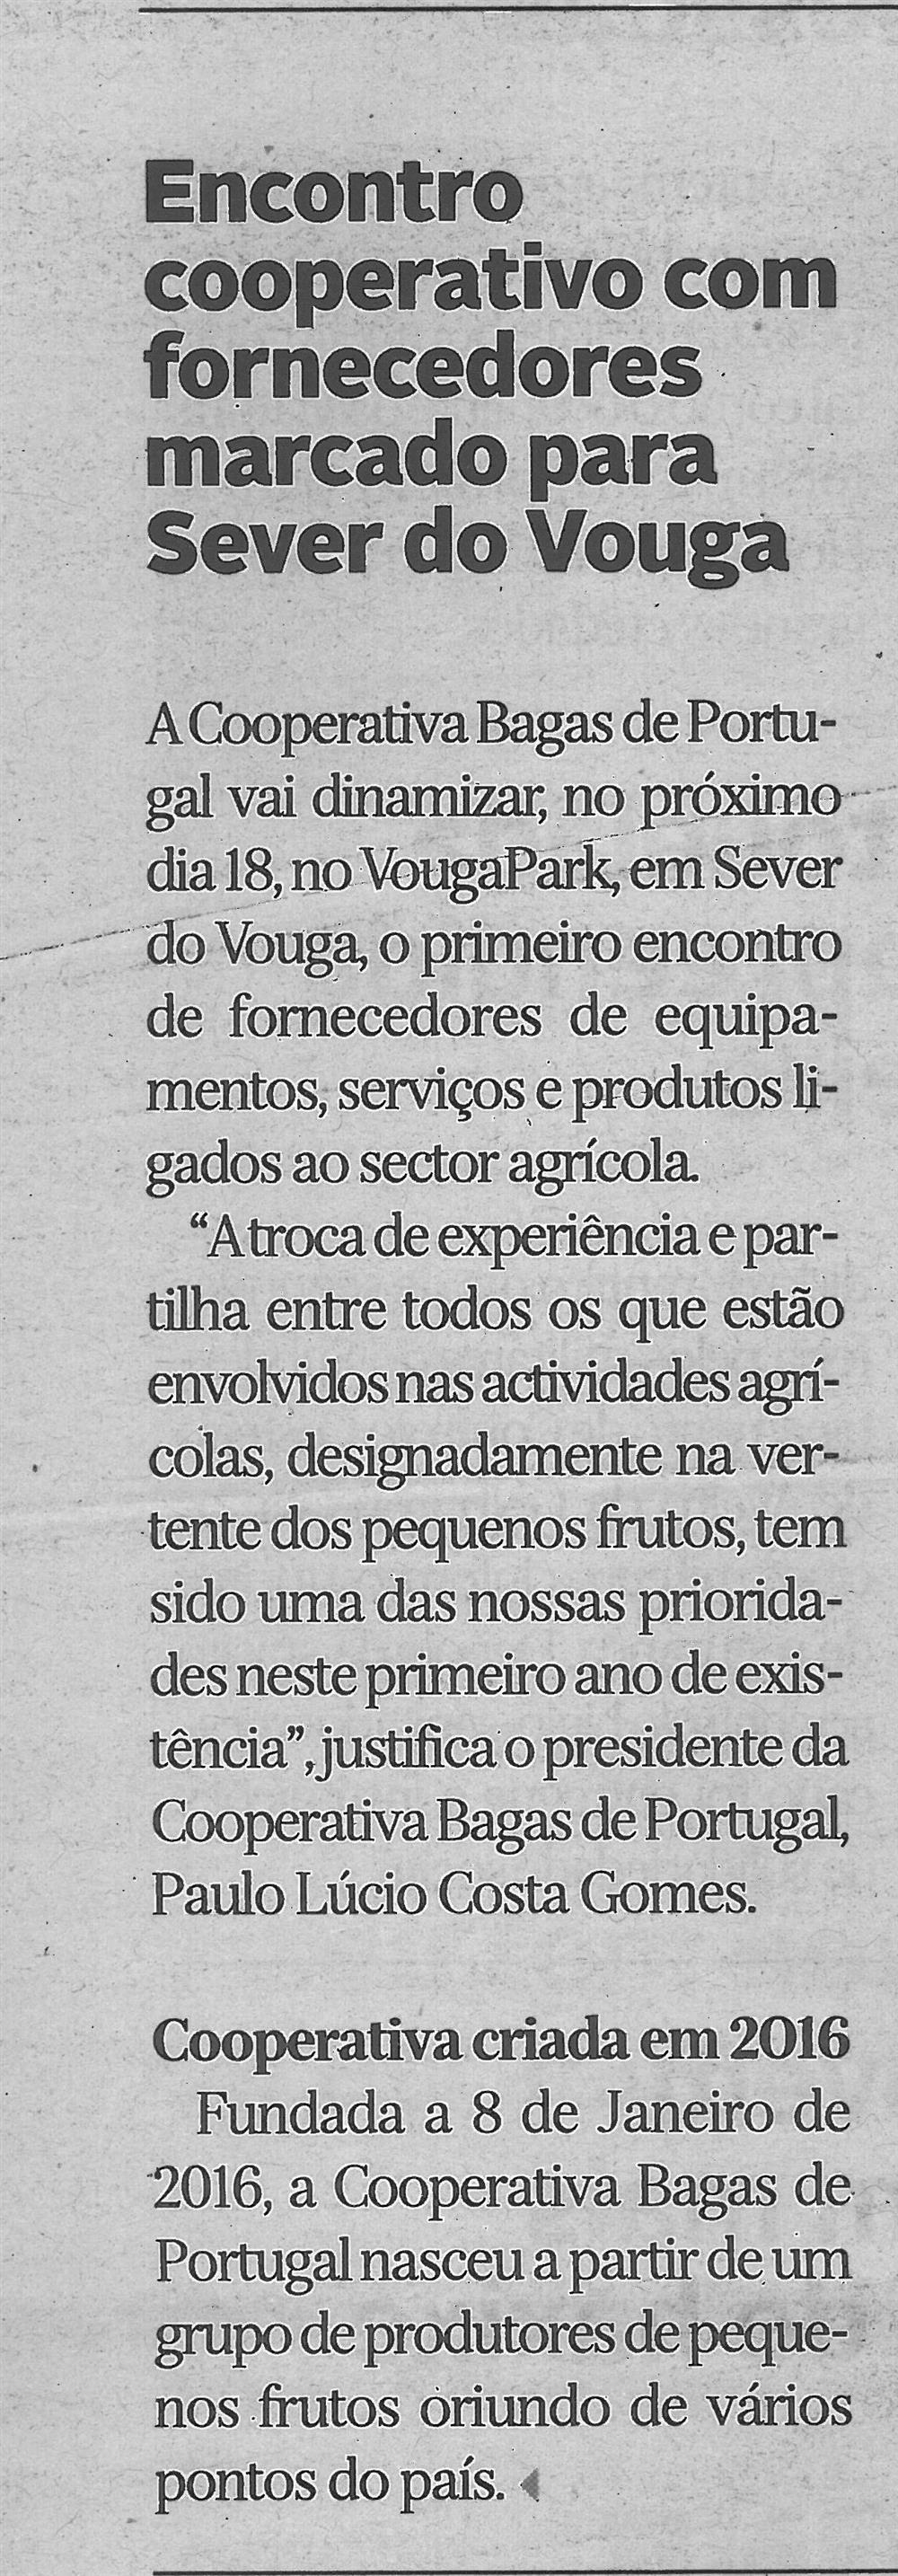 DA-15fev.'17-p.12-Encontro cooperativo com fornecedores marcado para Sever do Vouga.jpg